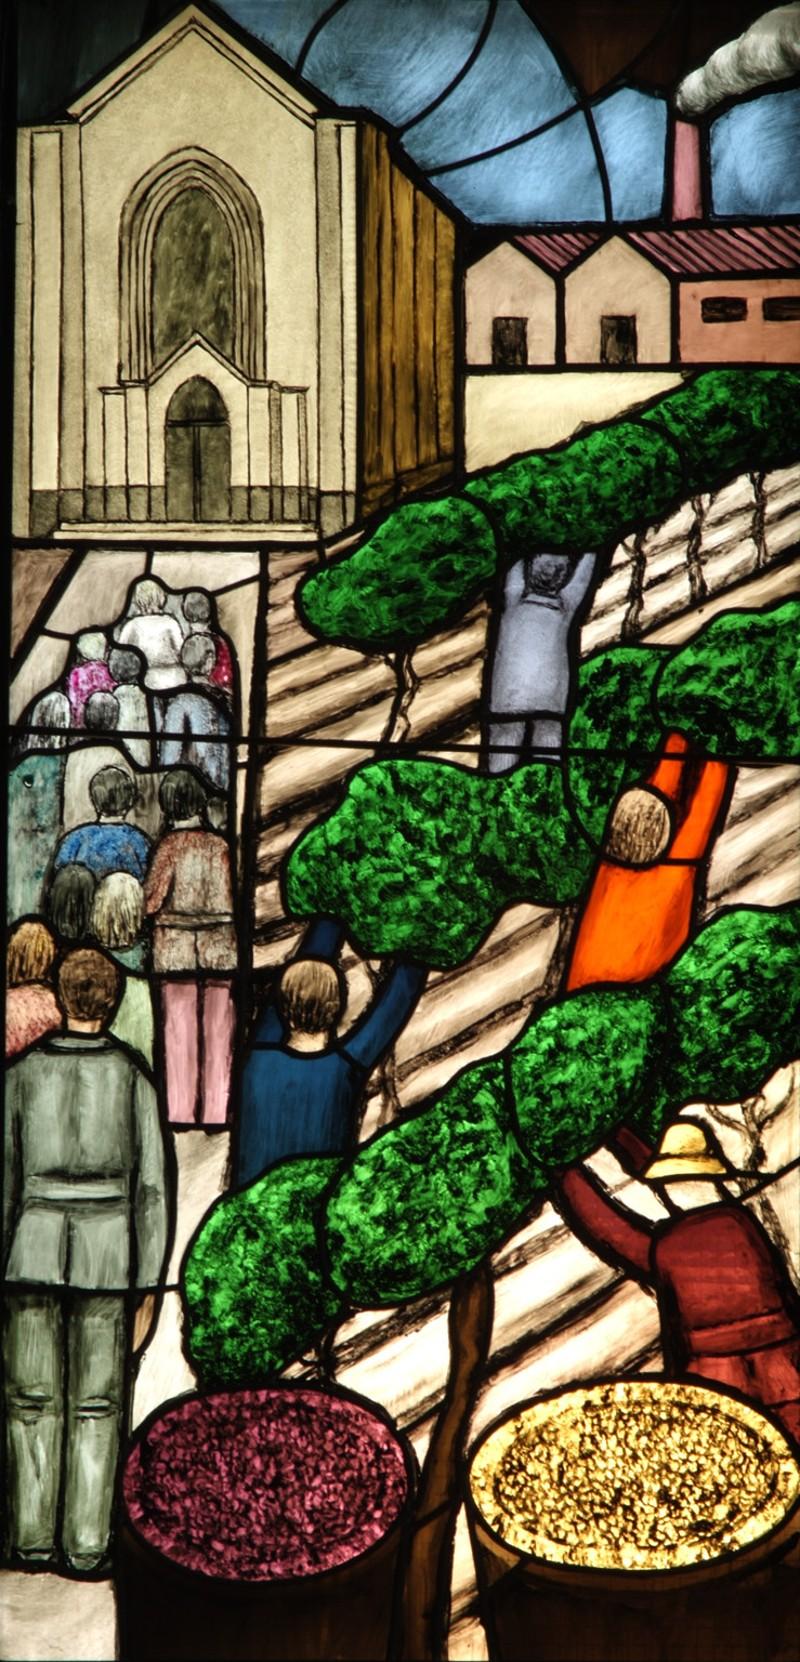 Cavallini S. (1990), Celebrazione del lavoro